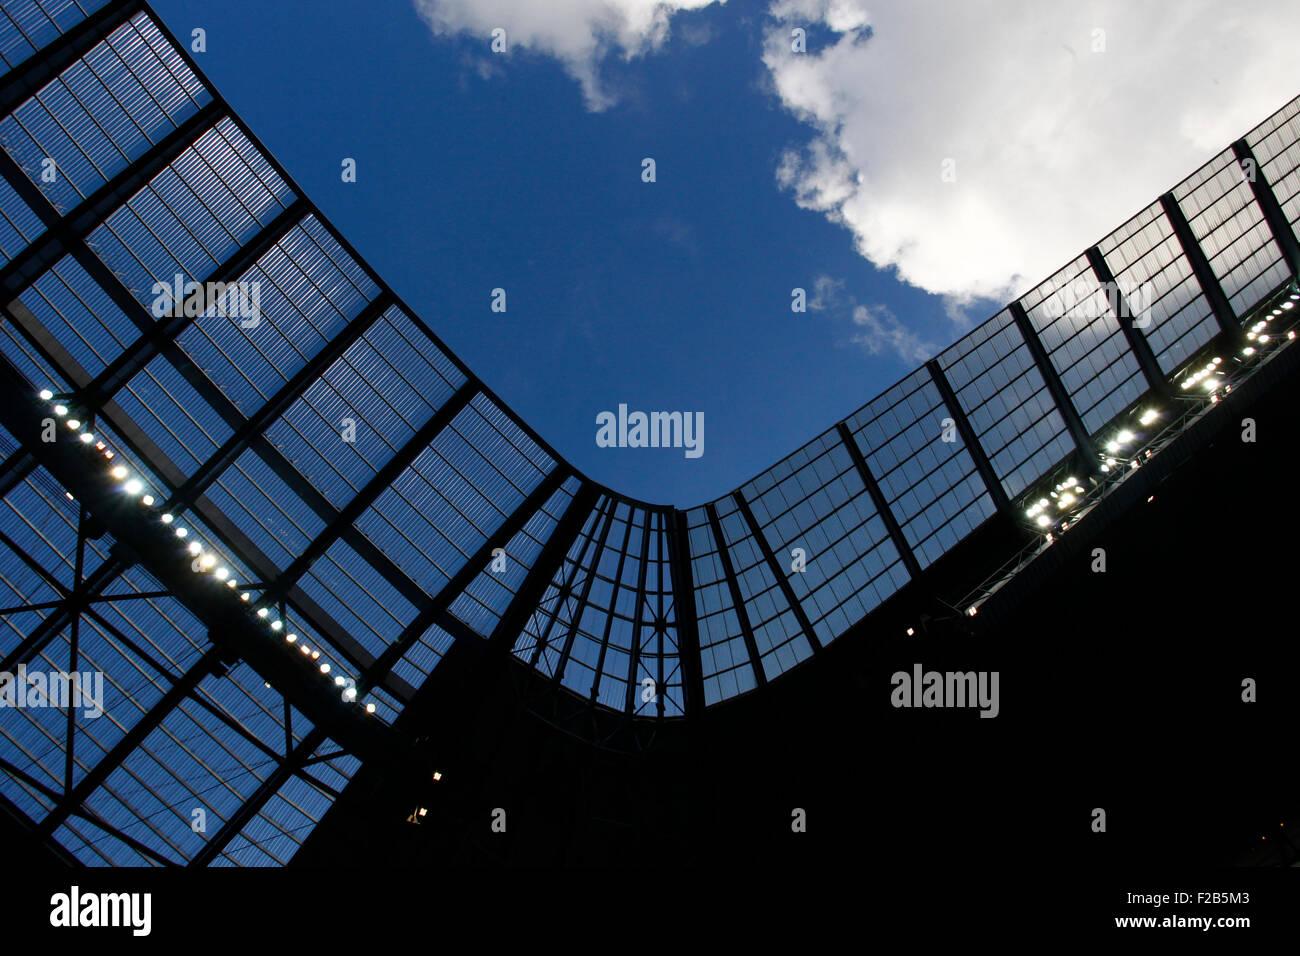 Manchester, Regno Unito. Xv Sep, 2015. Champions League. Manchester City contro la Juventus. Una vista generale Immagini Stock